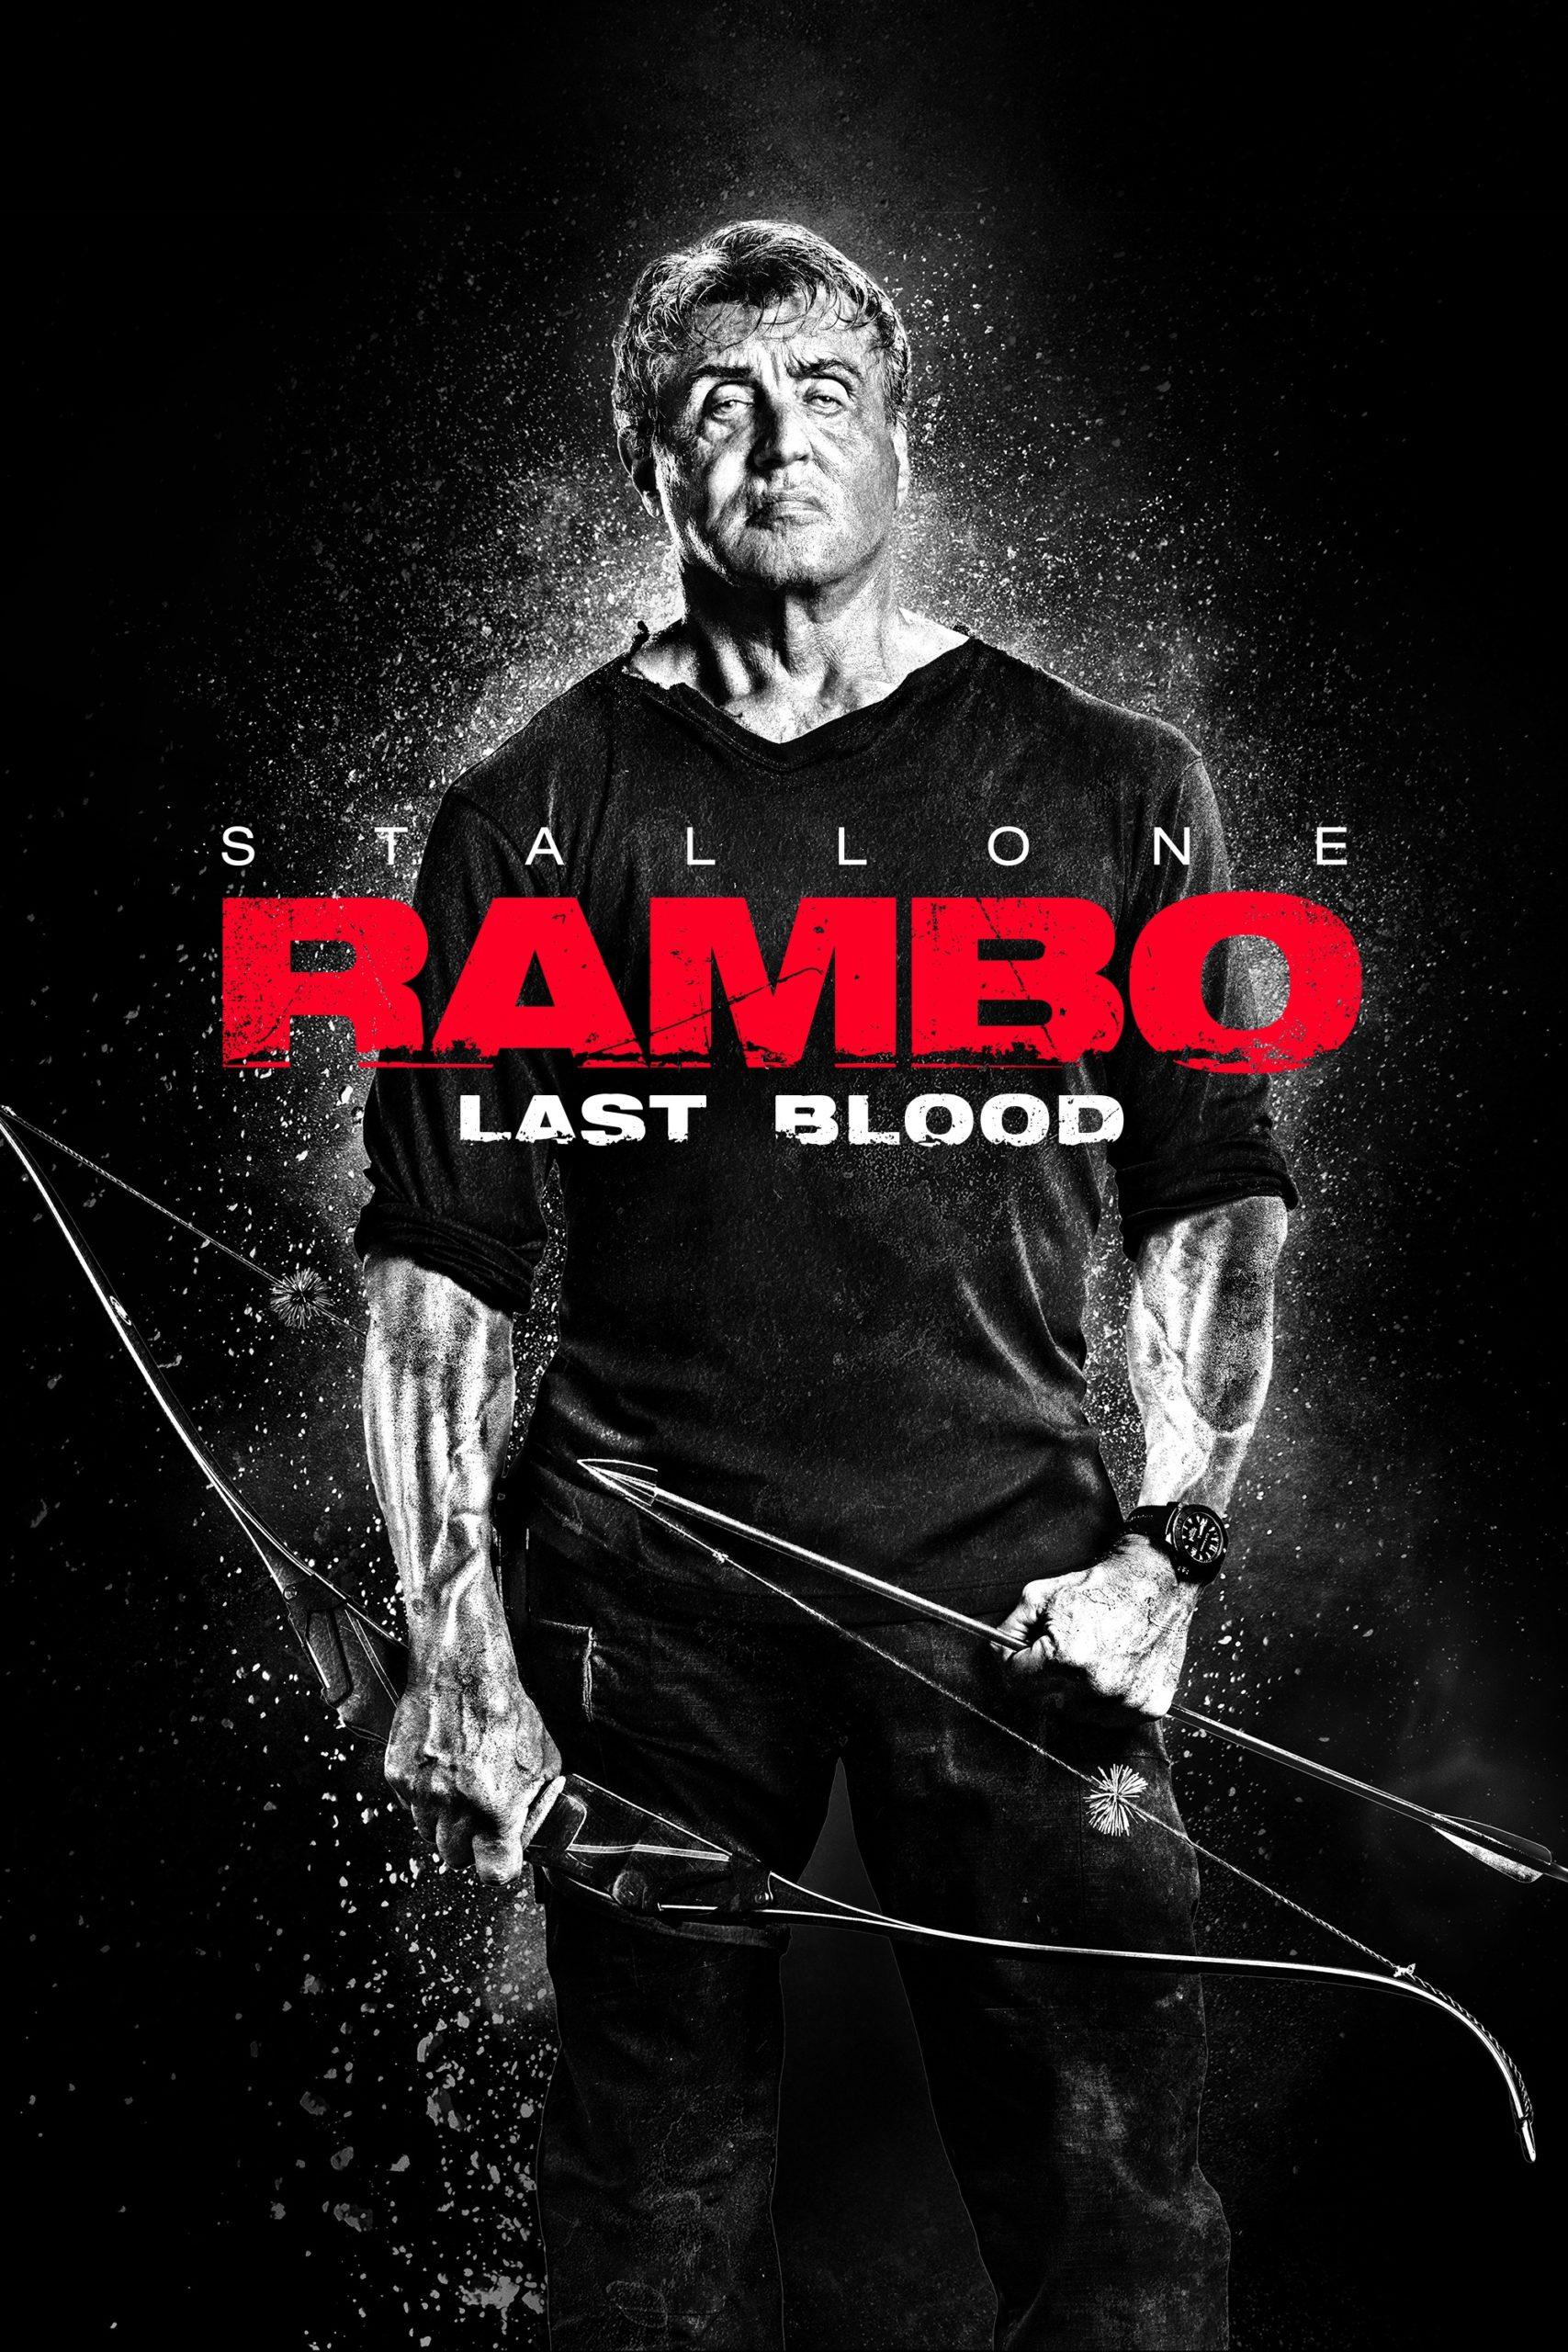 Cartel de la película Rambo Last Blood, de 2019